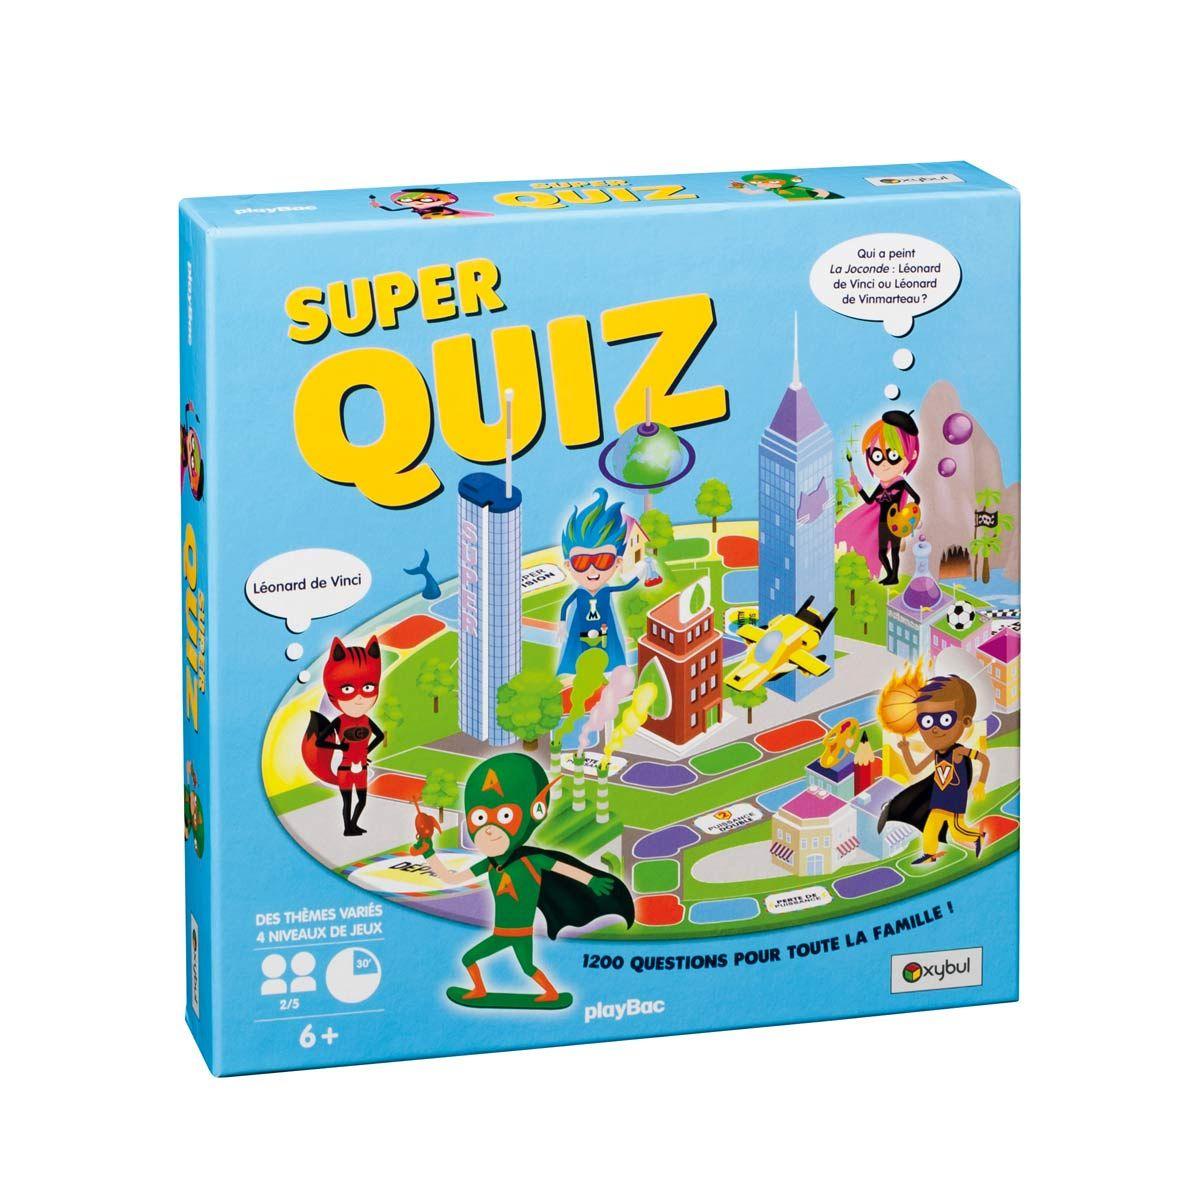 Jeu De Société Superquiz Oxybul | Jeux De Société, Jeux De avec Jeux Societe Enfant 6 Ans